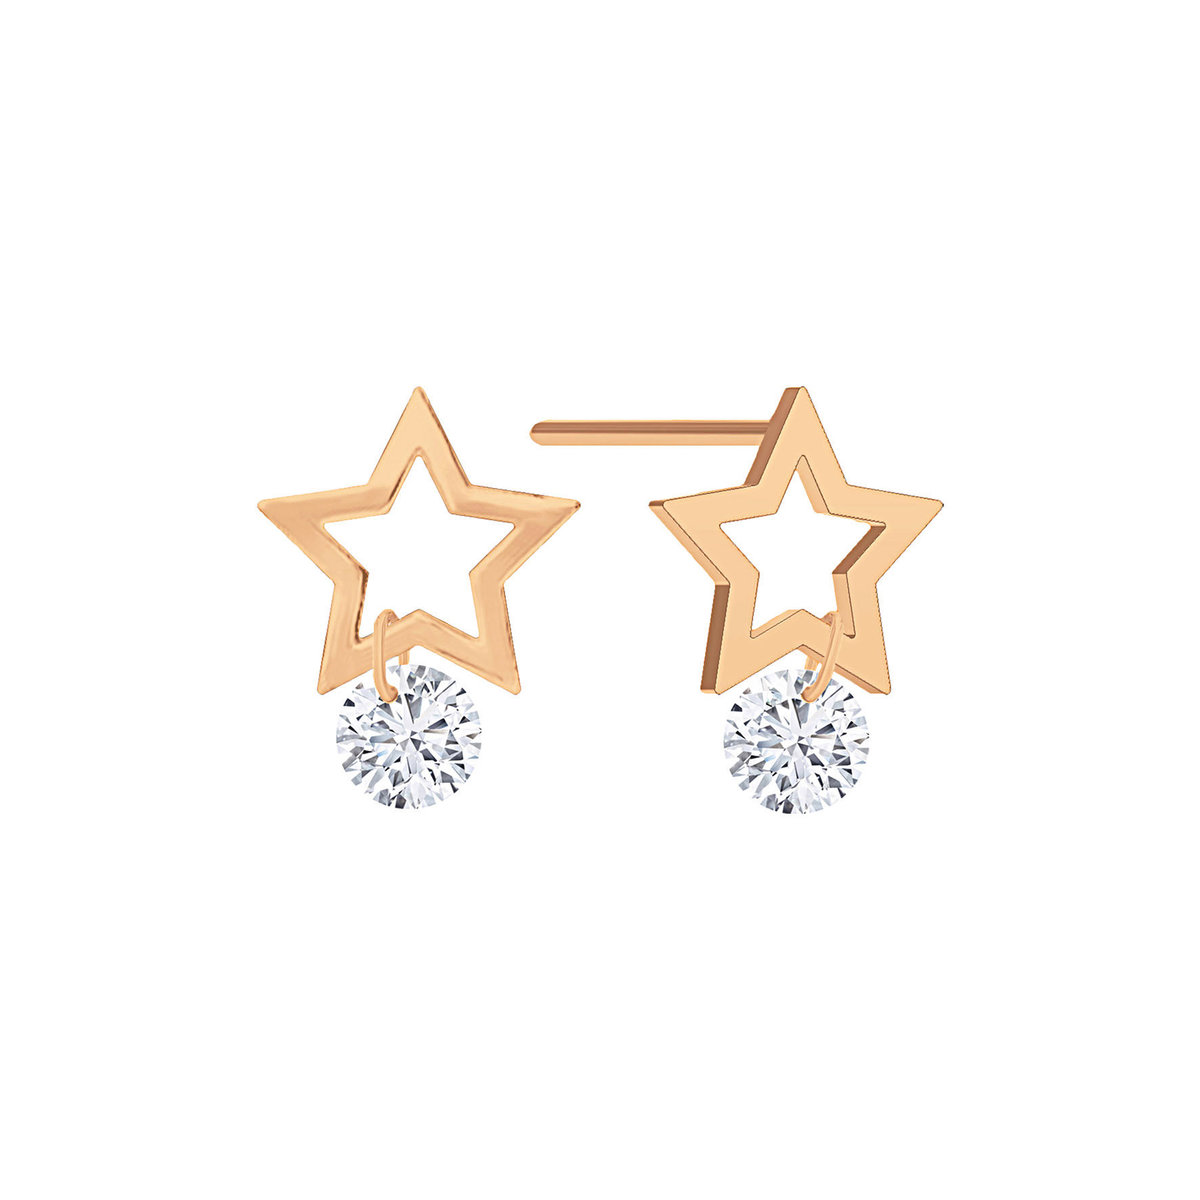 Starry Diamond Earring